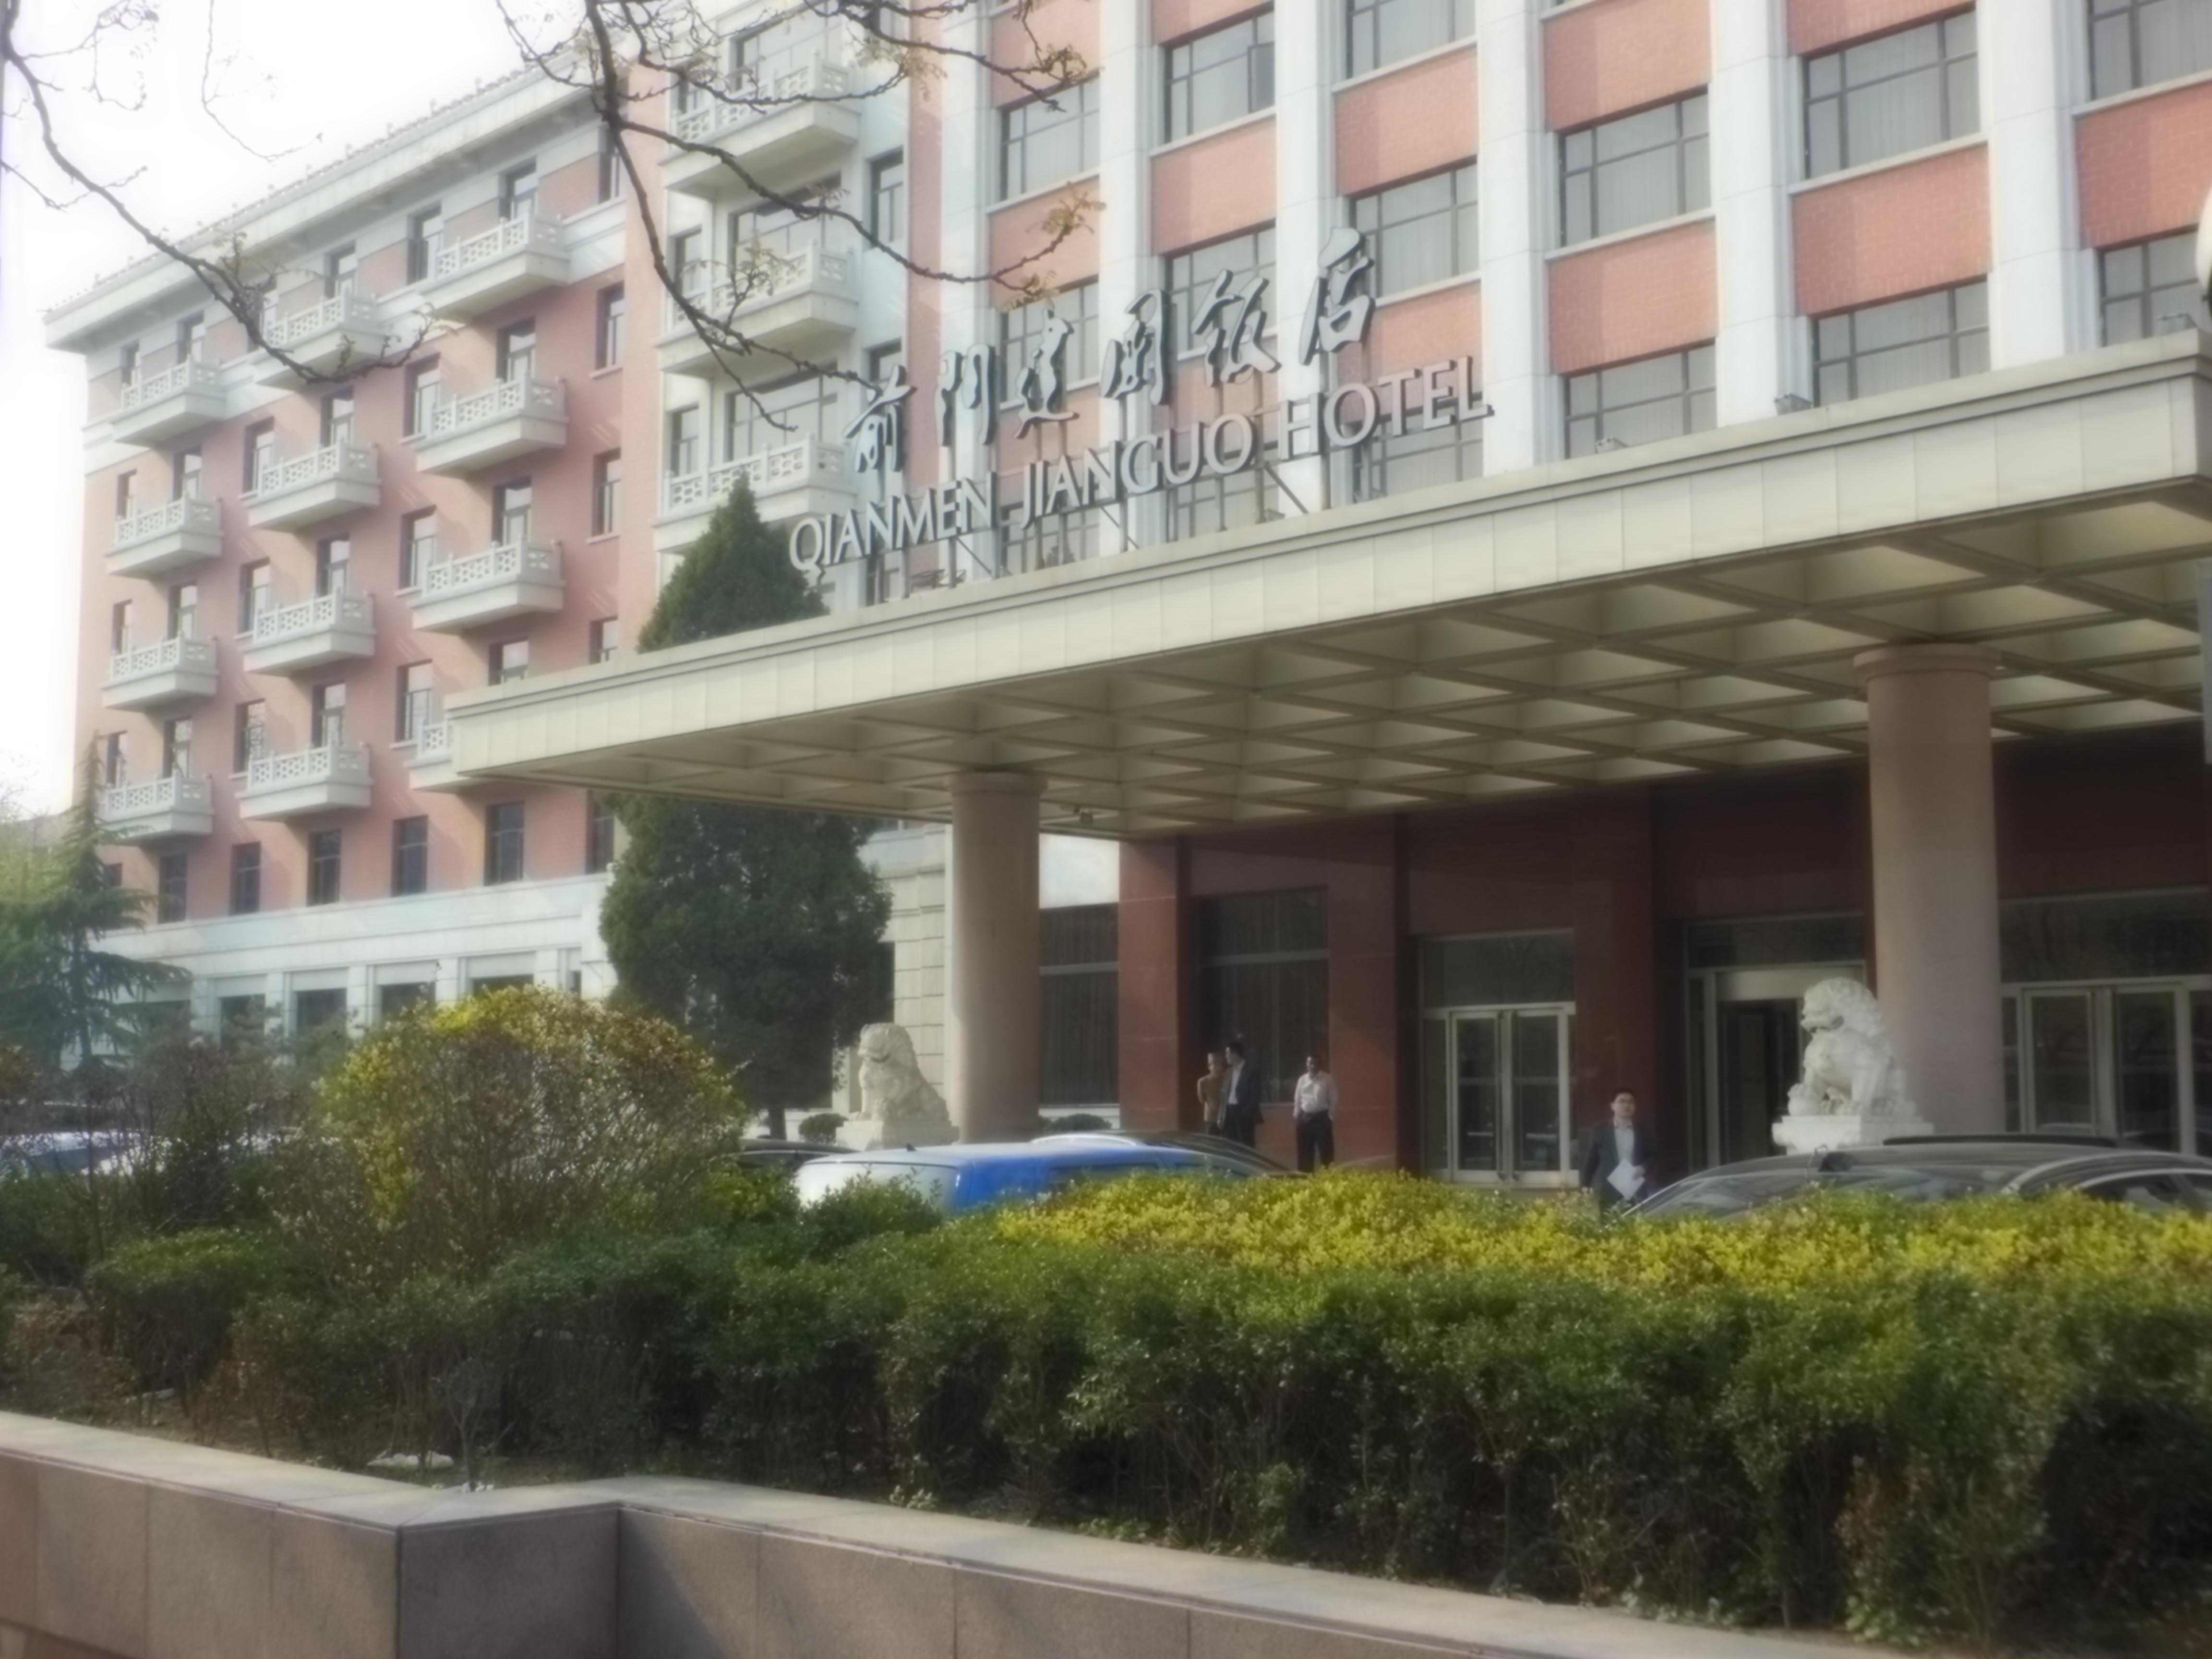 Qianmen Hotel